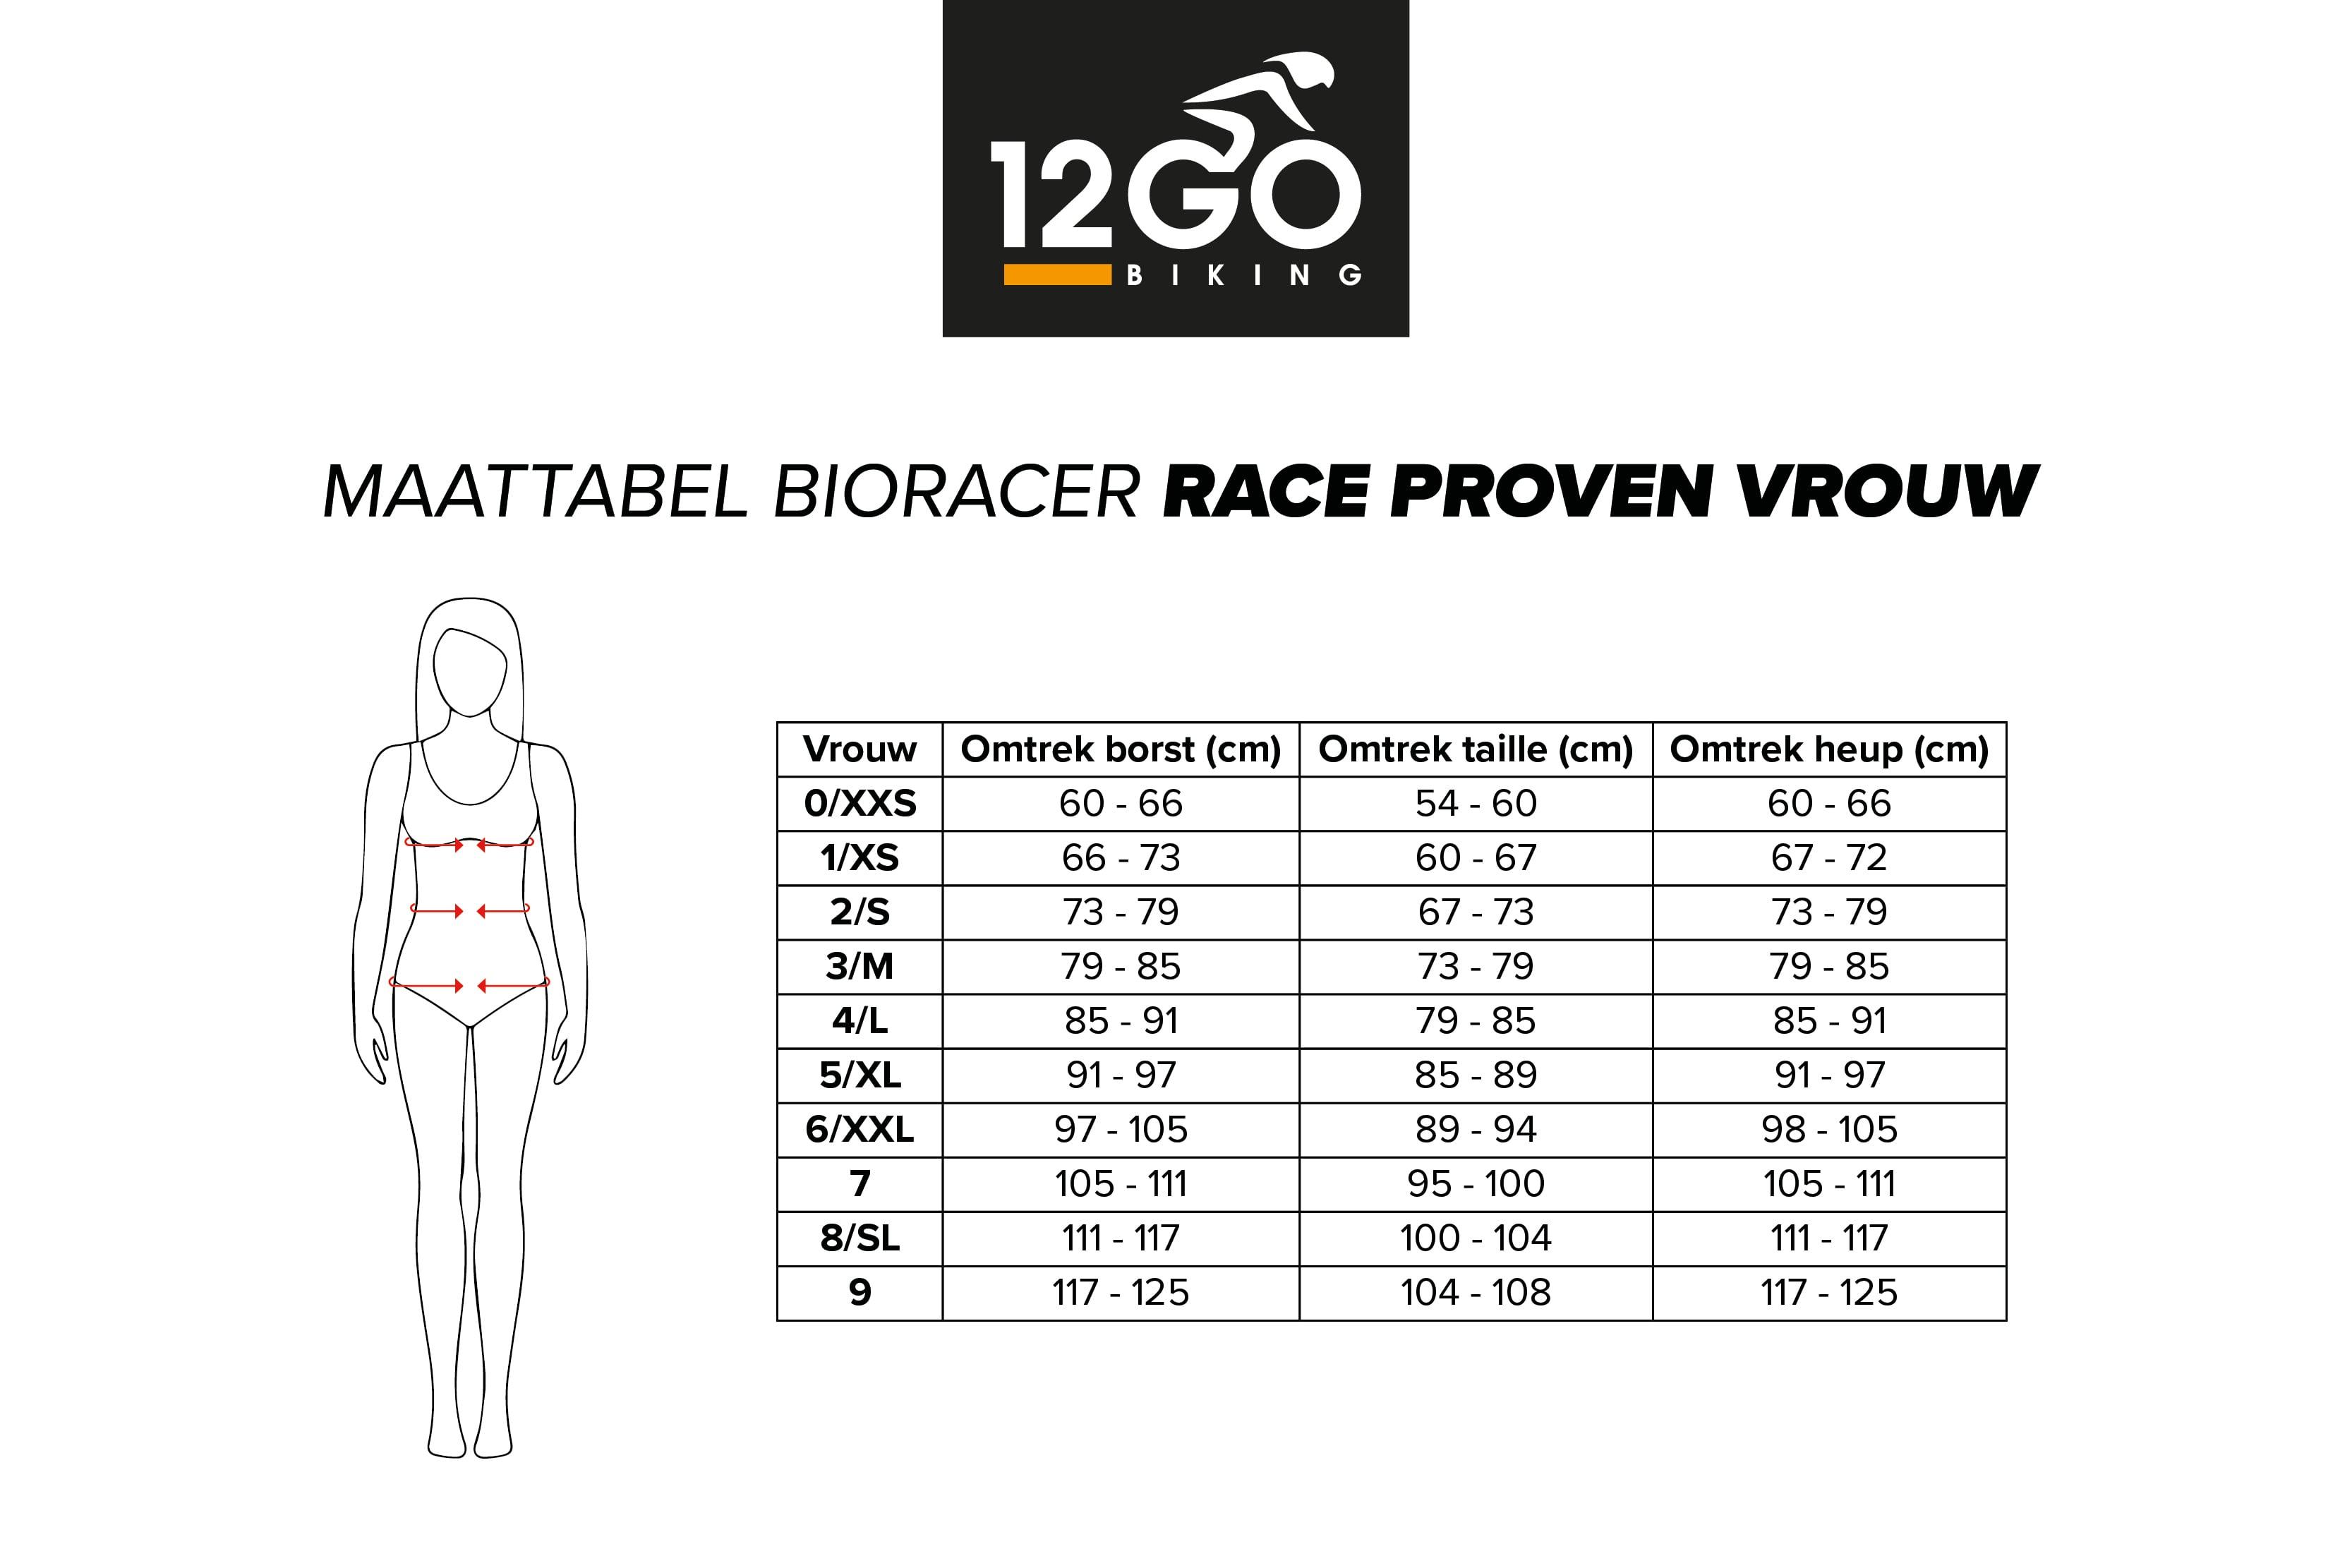 Rave proven vrouwen maattabel bioracer